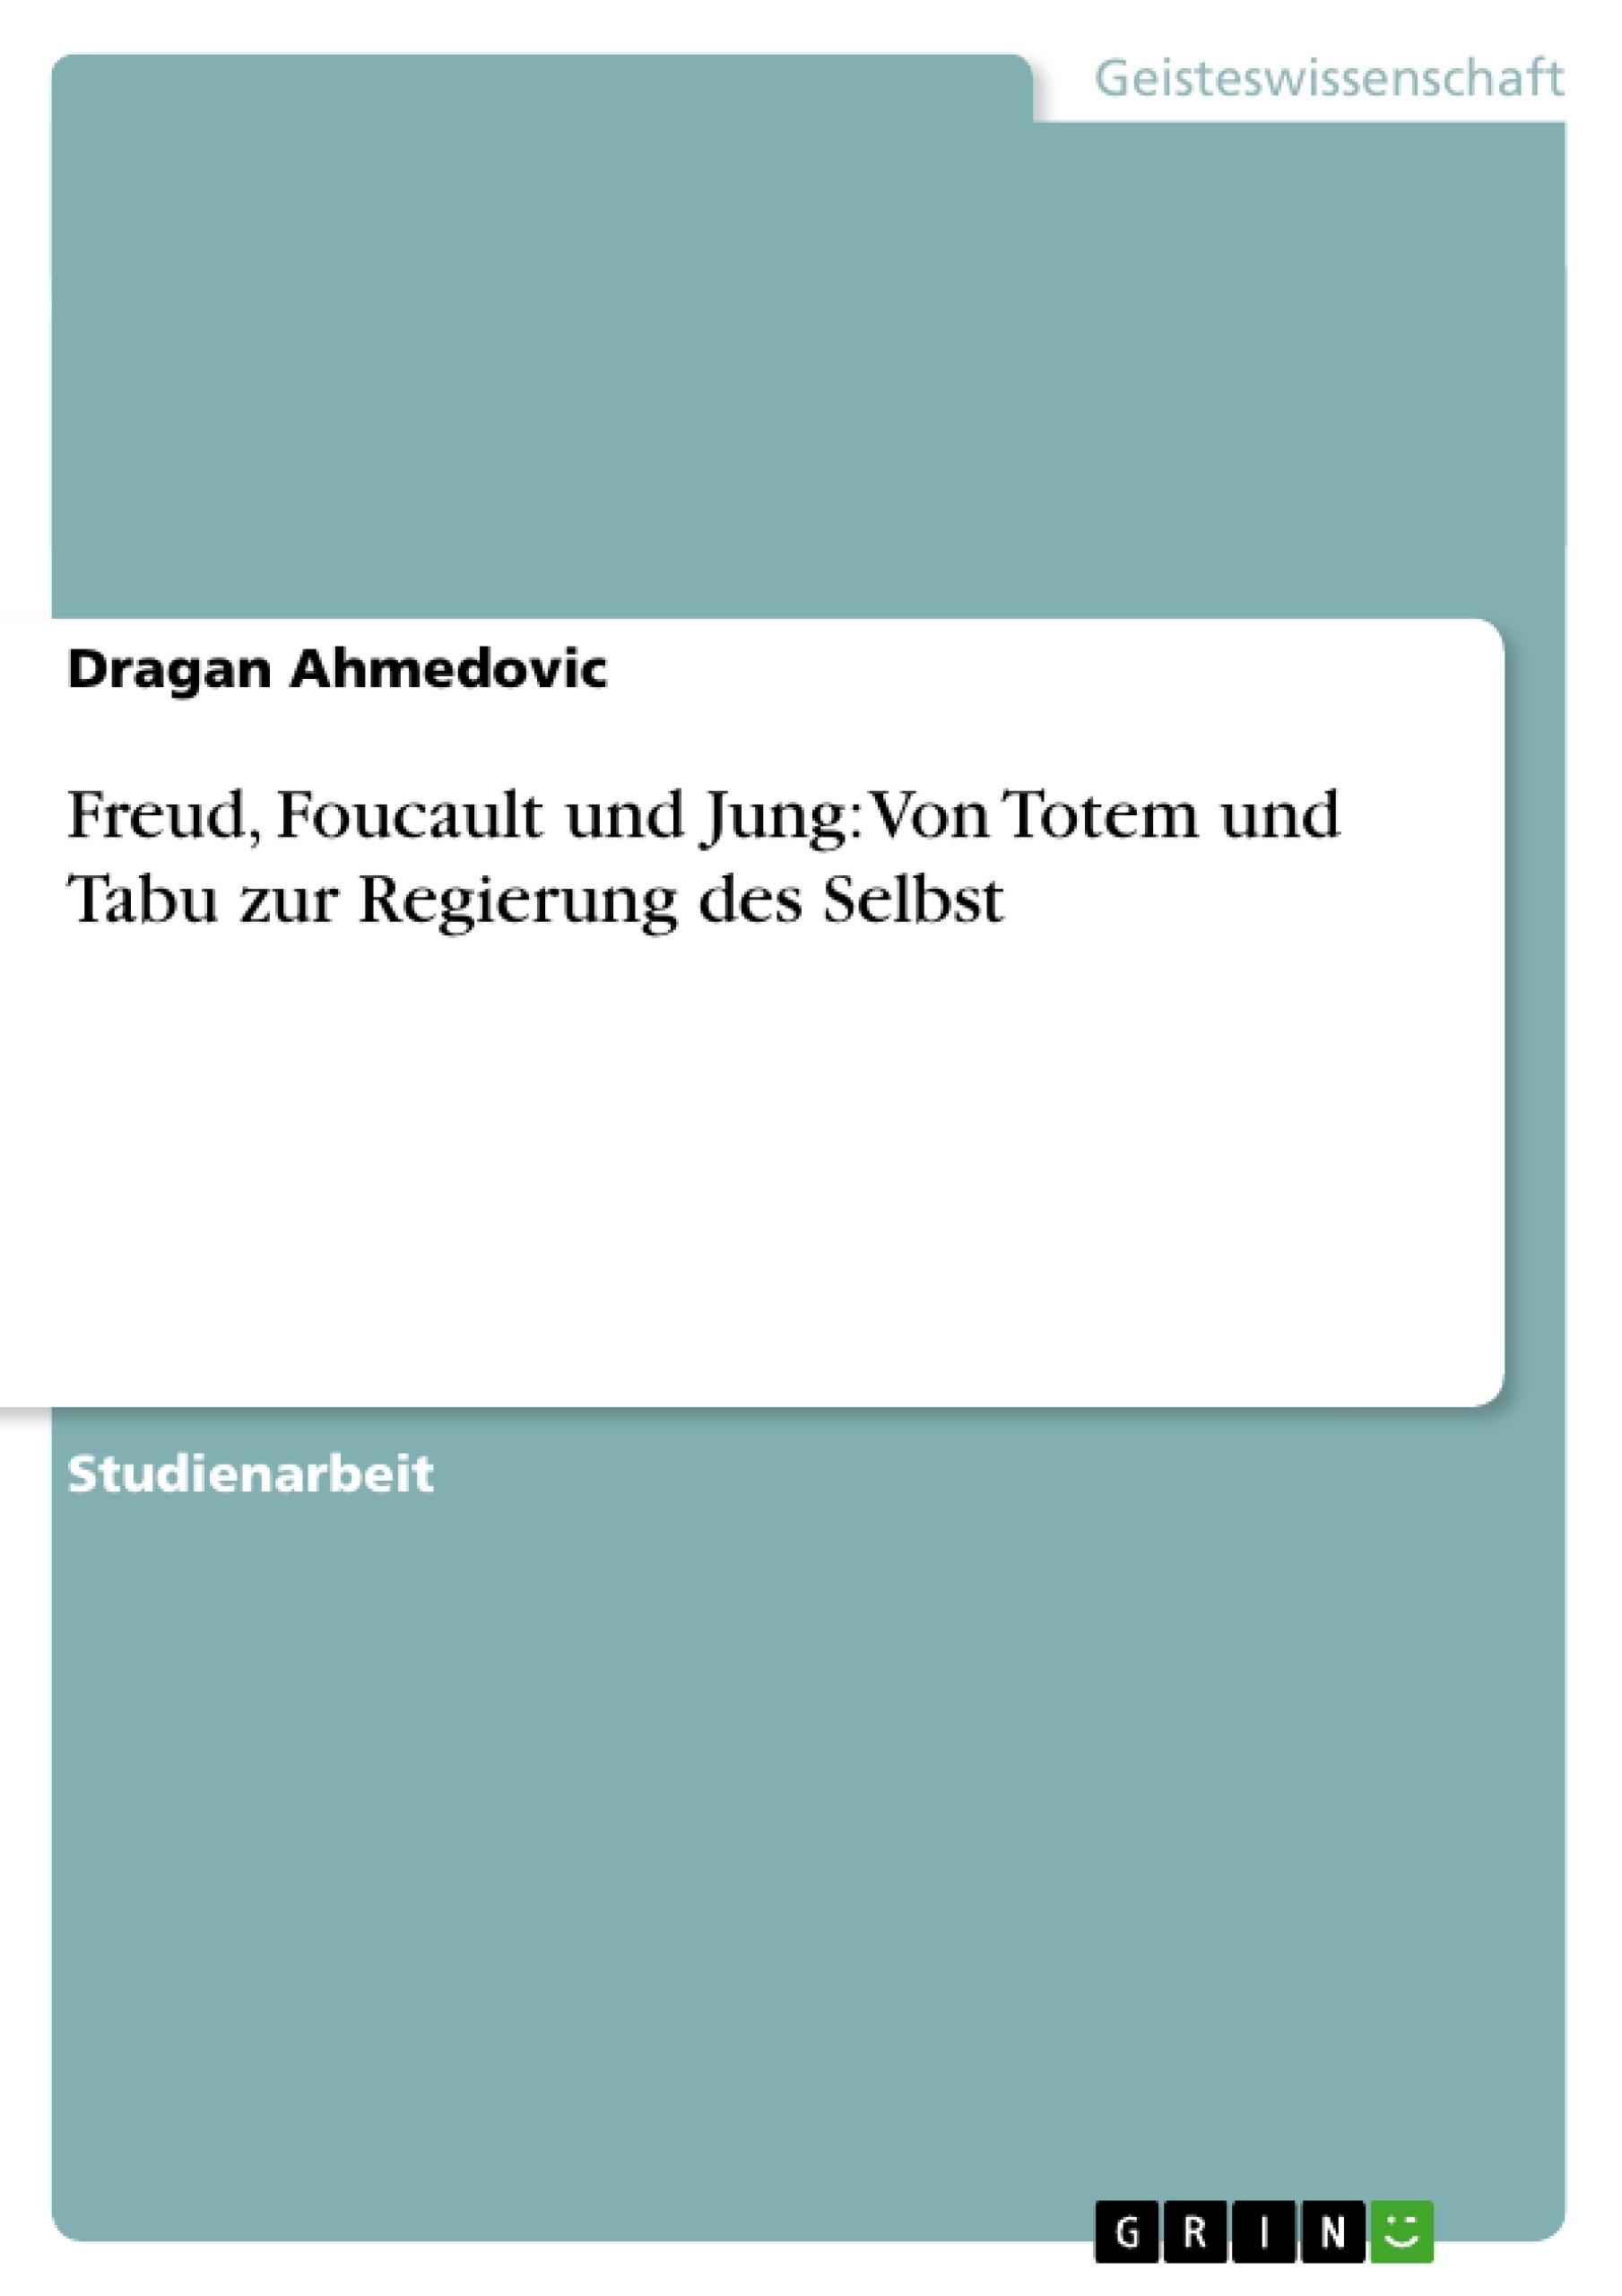 Titel: Freud, Foucault und Jung: Von Totem und Tabu zur Regierung des Selbst